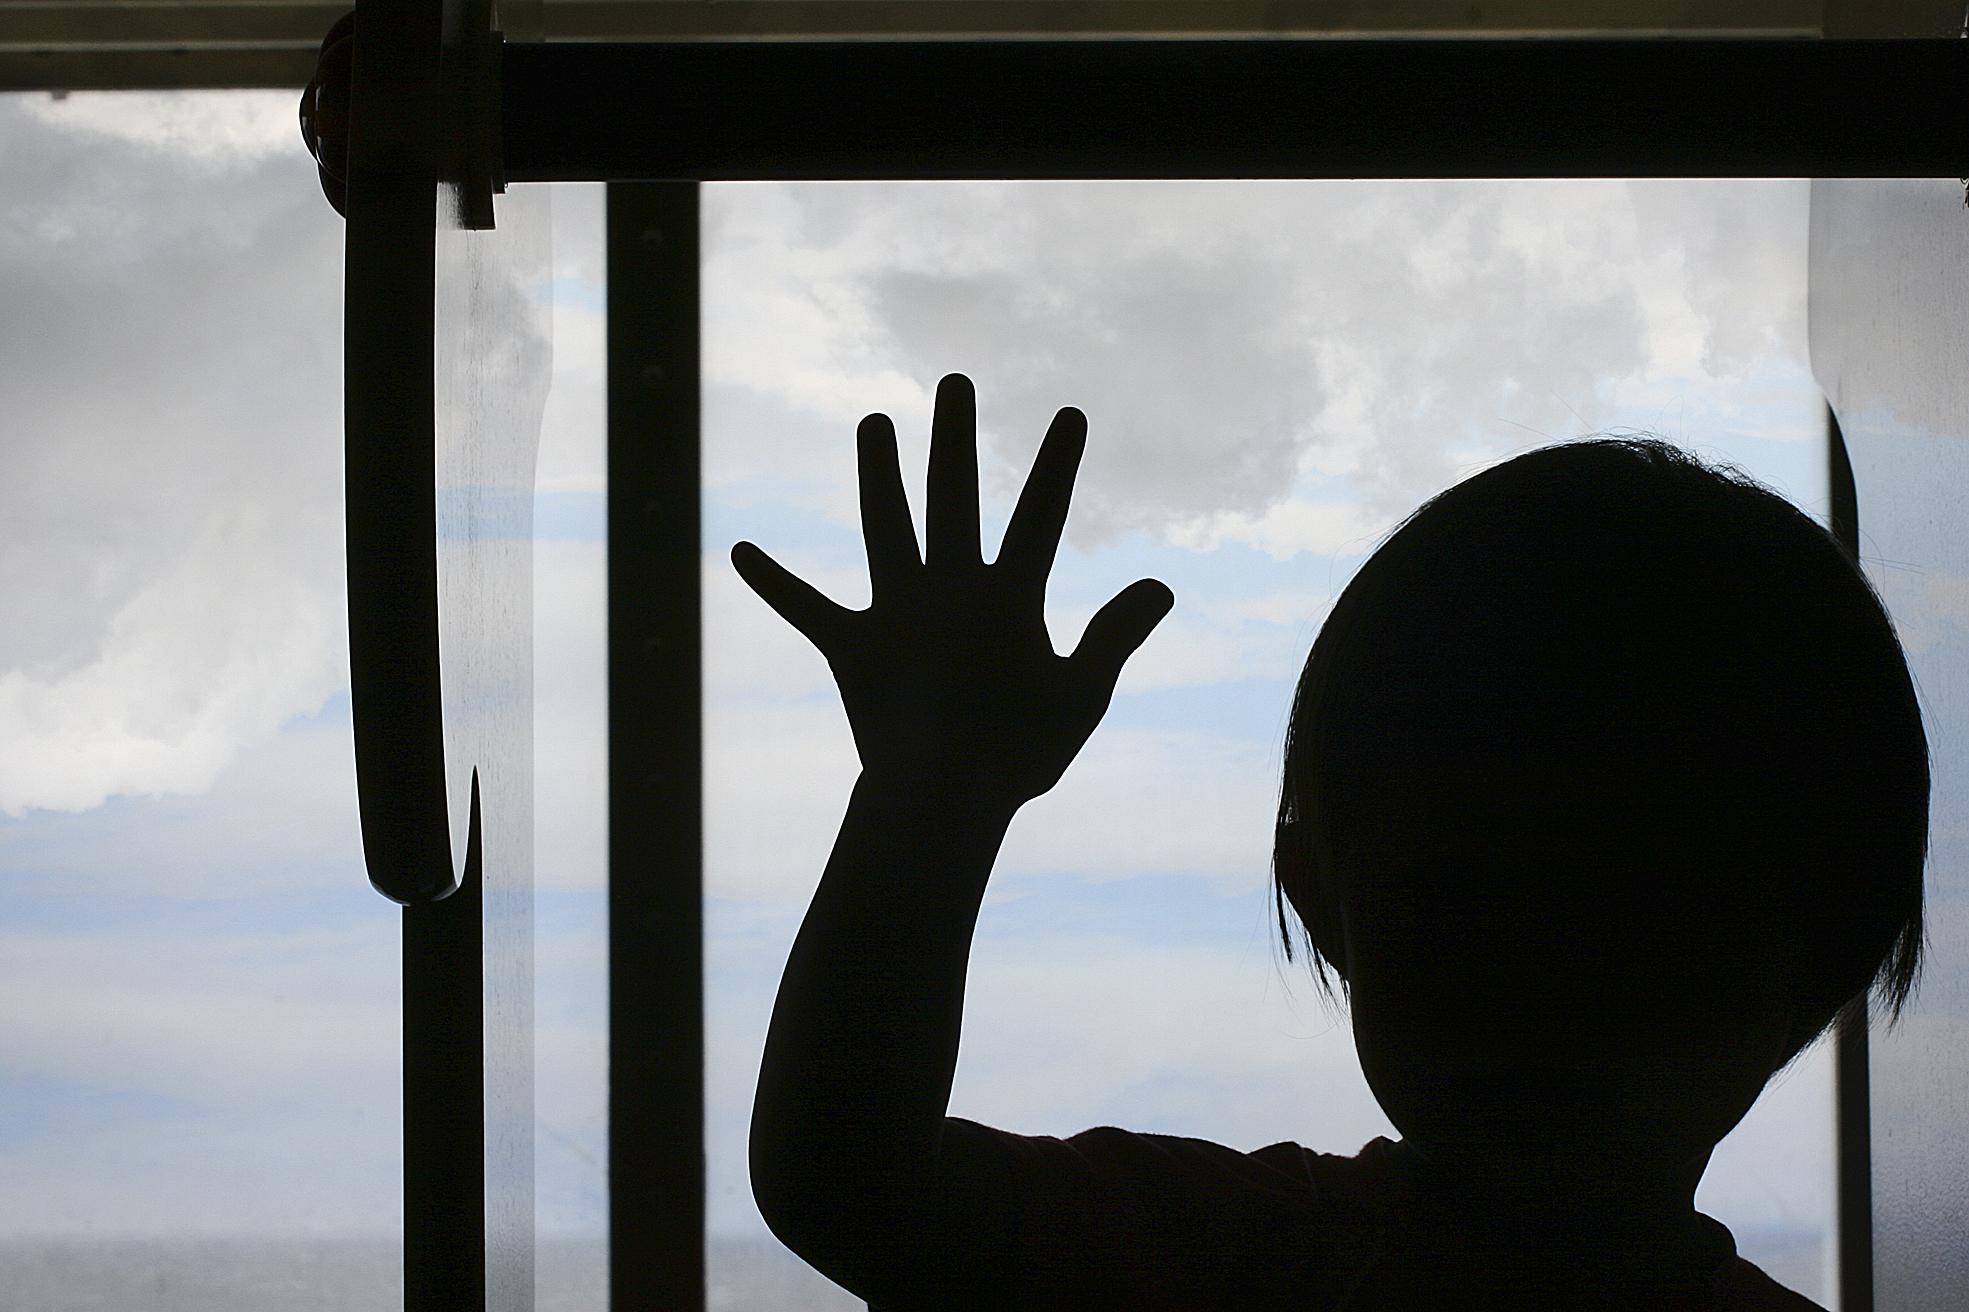 Мистическая история: кто стоял в окне напротив?